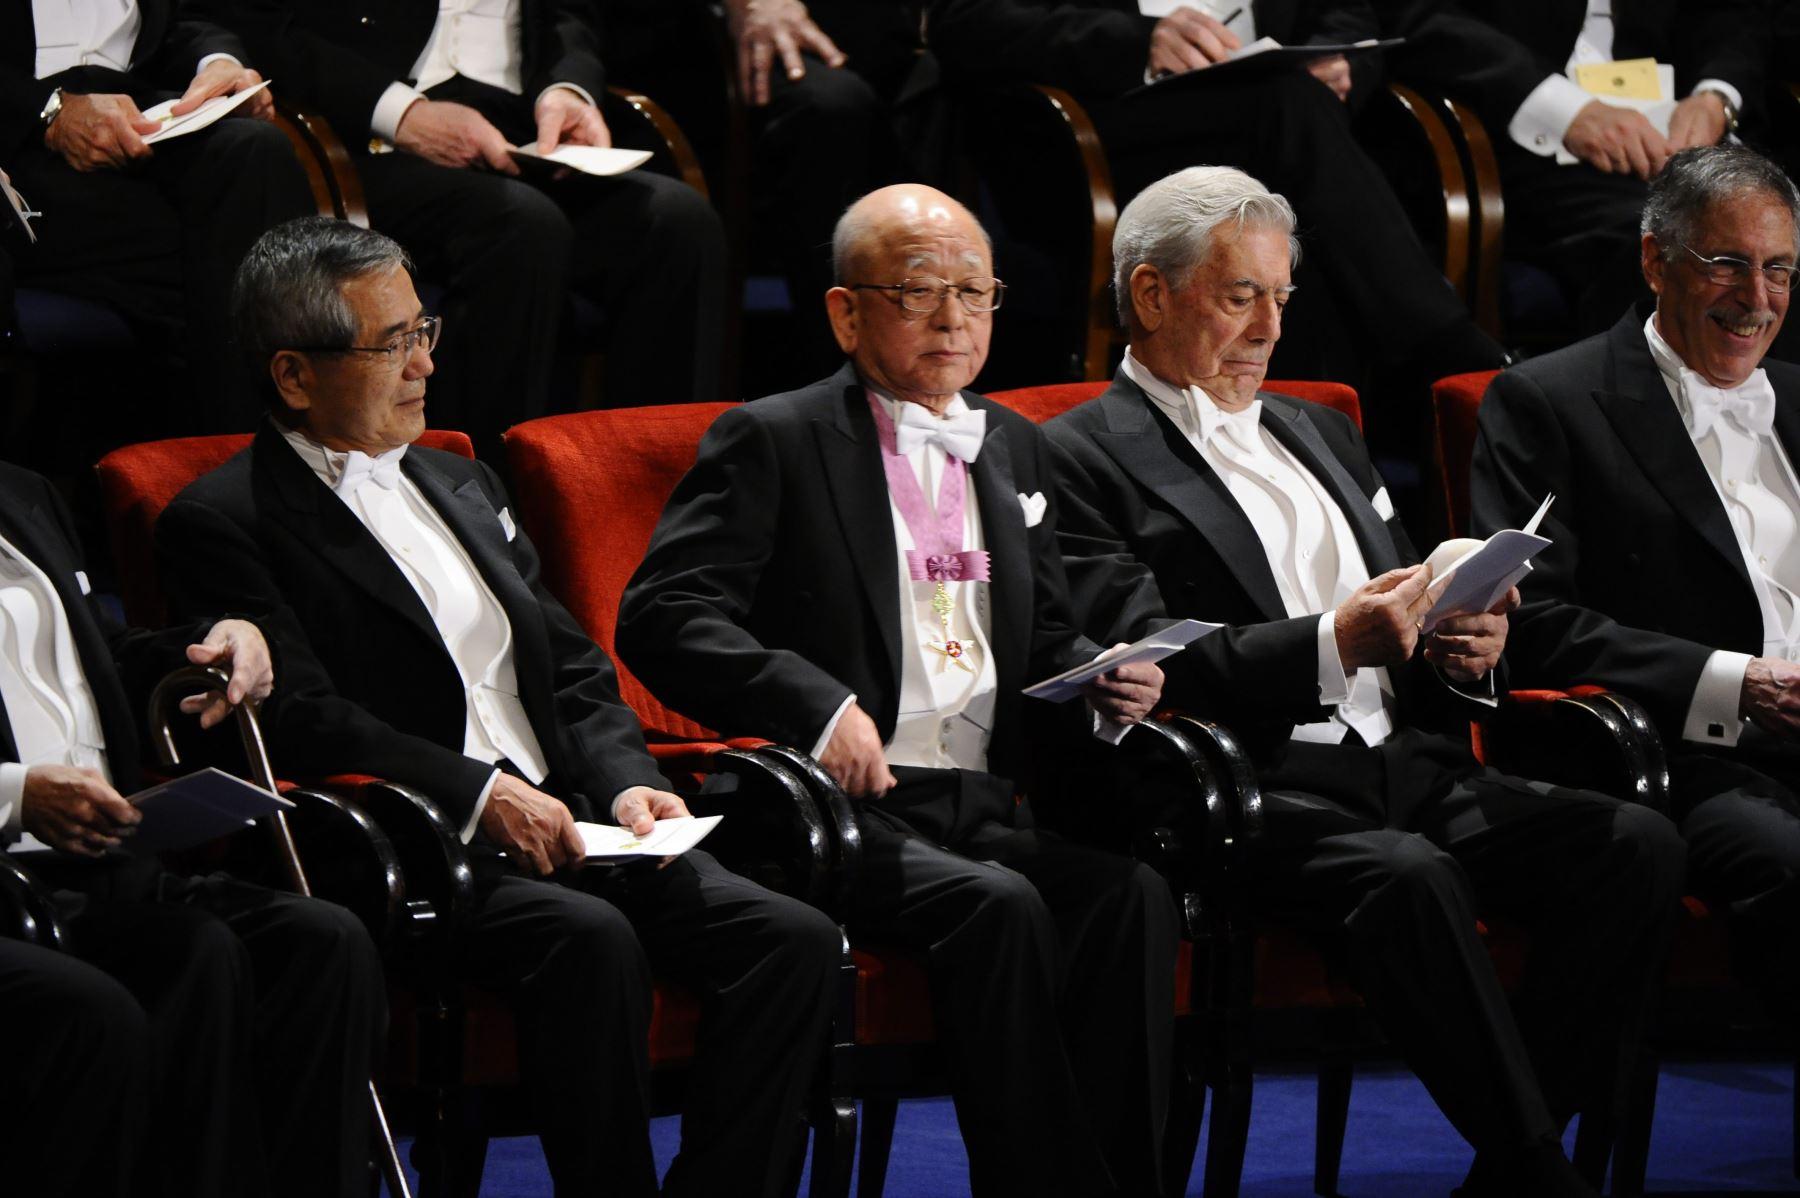 Fotografía tomada el 10 de Diciembre del 2010.Los premios Nobel de Química Ei-ichi Nigishi y Akira Suzuki, ambos de Japón, se sientan junto al ganador de Literatura Mario Vargas Llosa de Perú. Foto: AFP